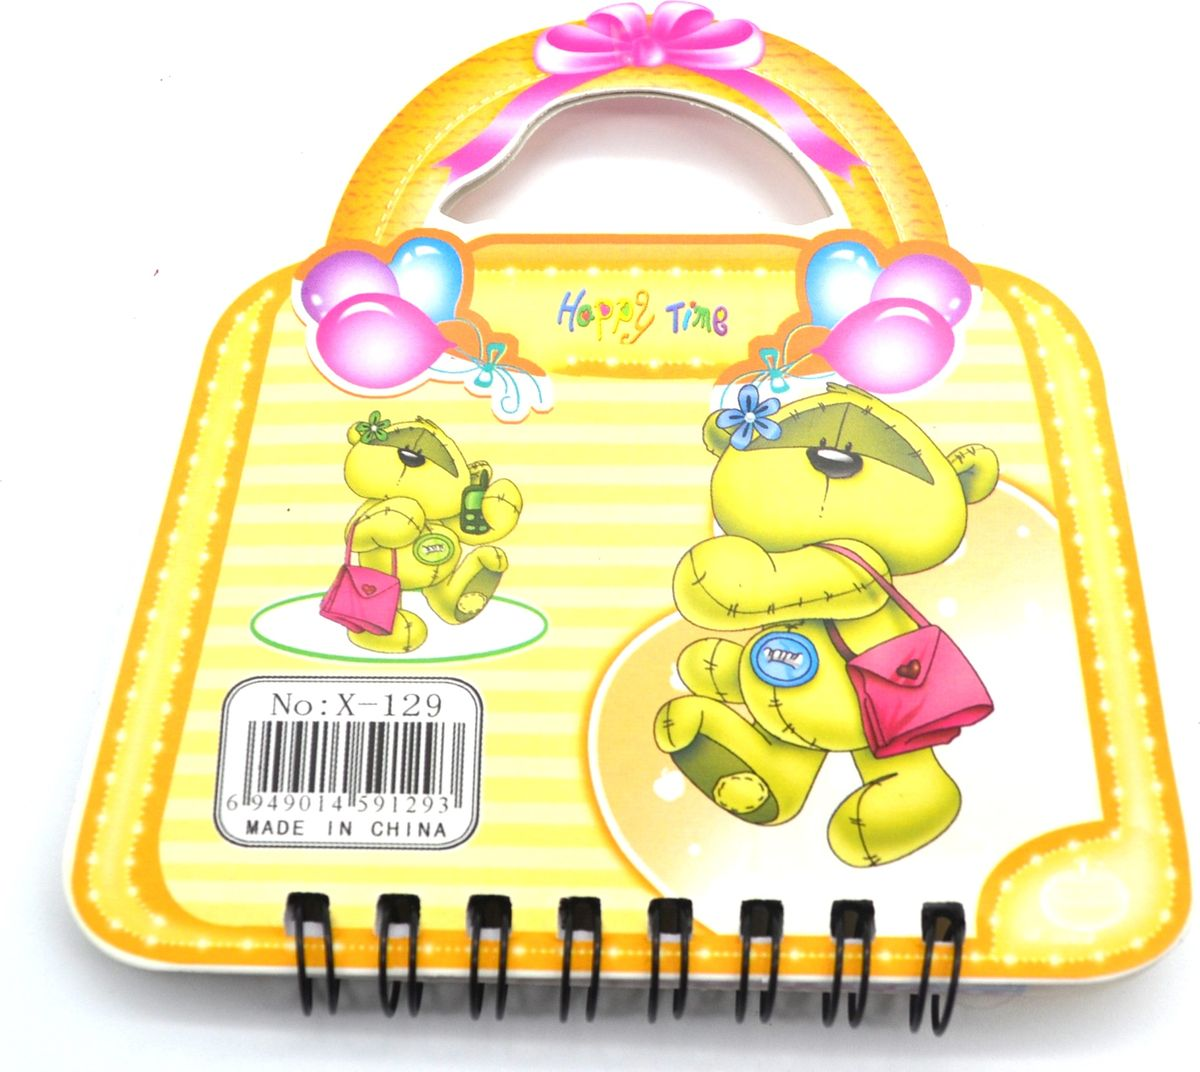 Карамба Блокнот Мишка на сумочке 50 листов в линейку цвет желтый507037Блокнот Карамба Мишка на сумочке с объемным изображением мишки на лицевой стороне выполнен в виде сумочки с ручками. Блокнот содержит 50 листов в линейку. Листики окрашены в голубой и зеленый цвета. На каждом листочке изображен мишка.